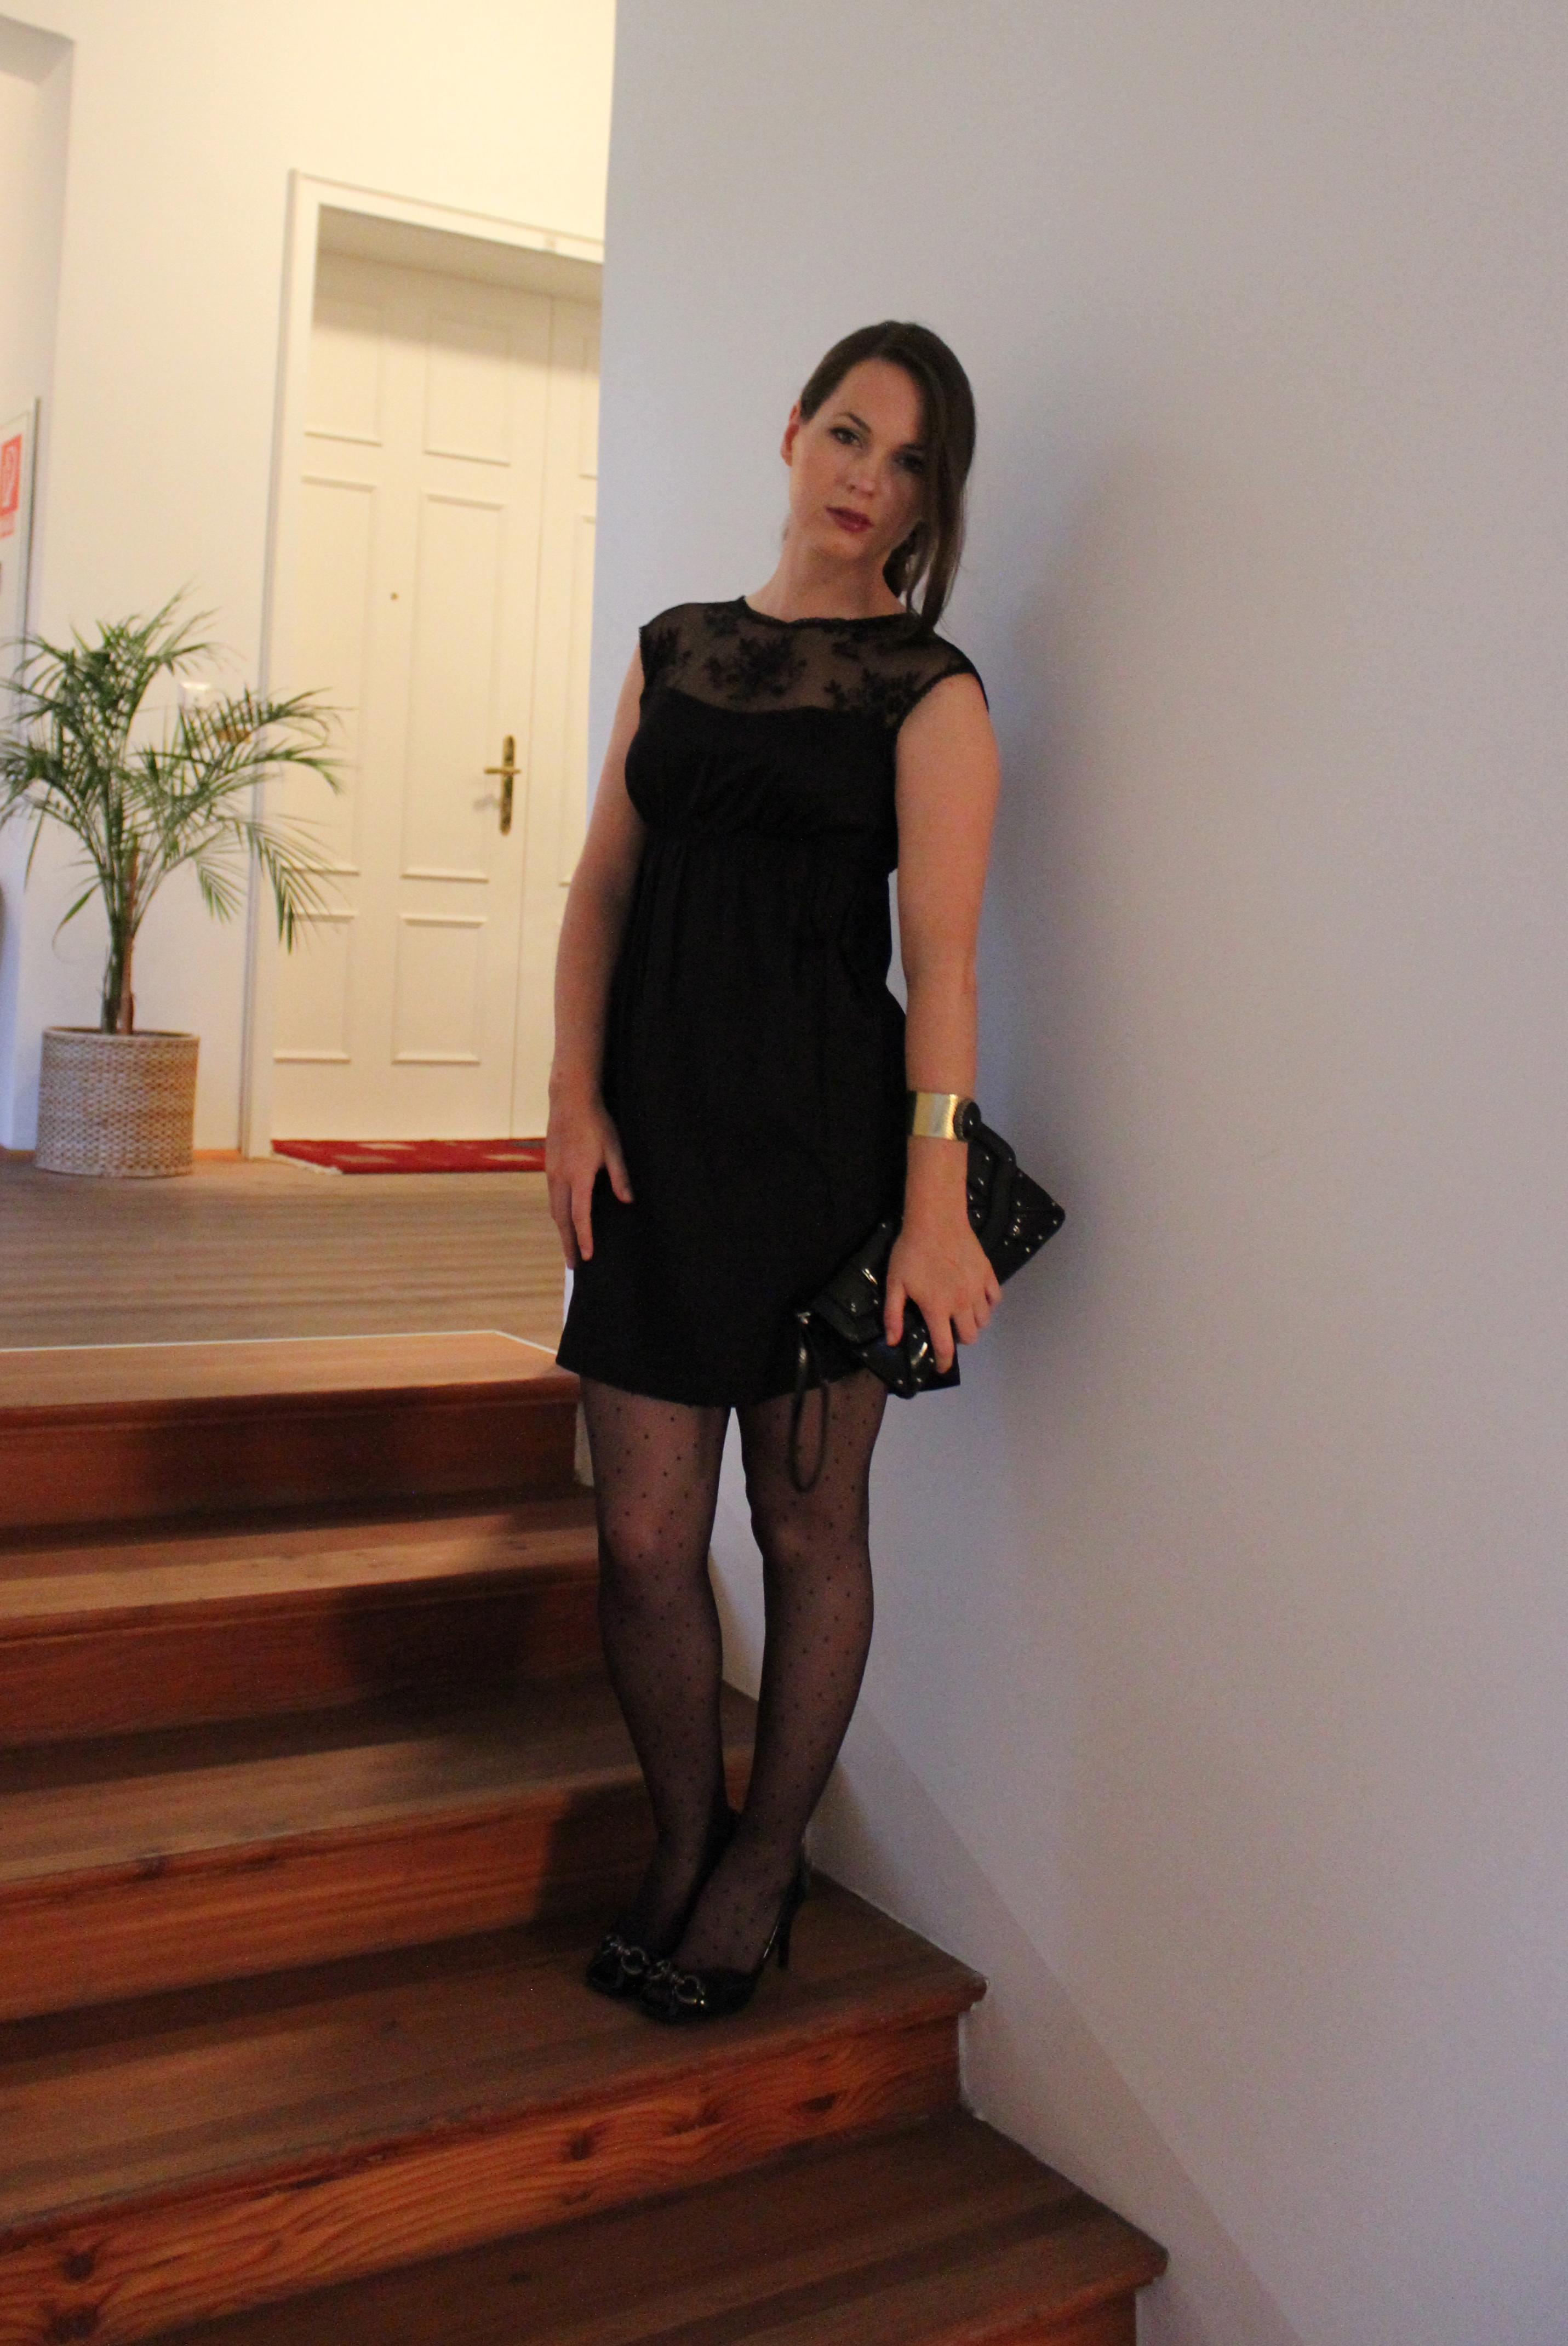 Eine Strumpfhose Mit Auffälligen Mustern á La Blair Waldorf Wärmt Nicht Nur  An Kühlen Herbsttagen, Sondern Bringt Das Outfit, Je Nach Muster, ...